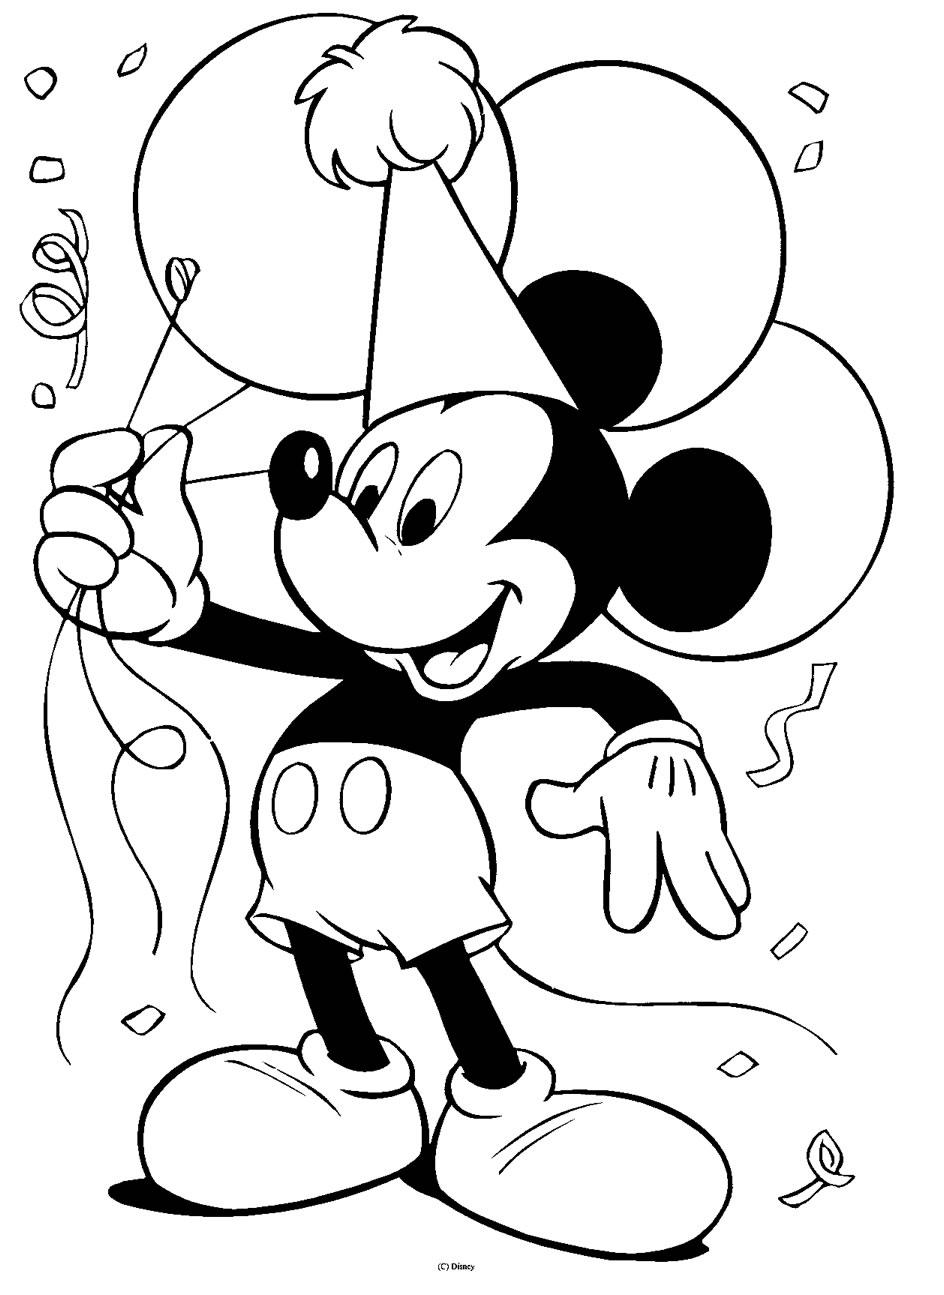 Disegni Da Colorare Minnie E Paperina